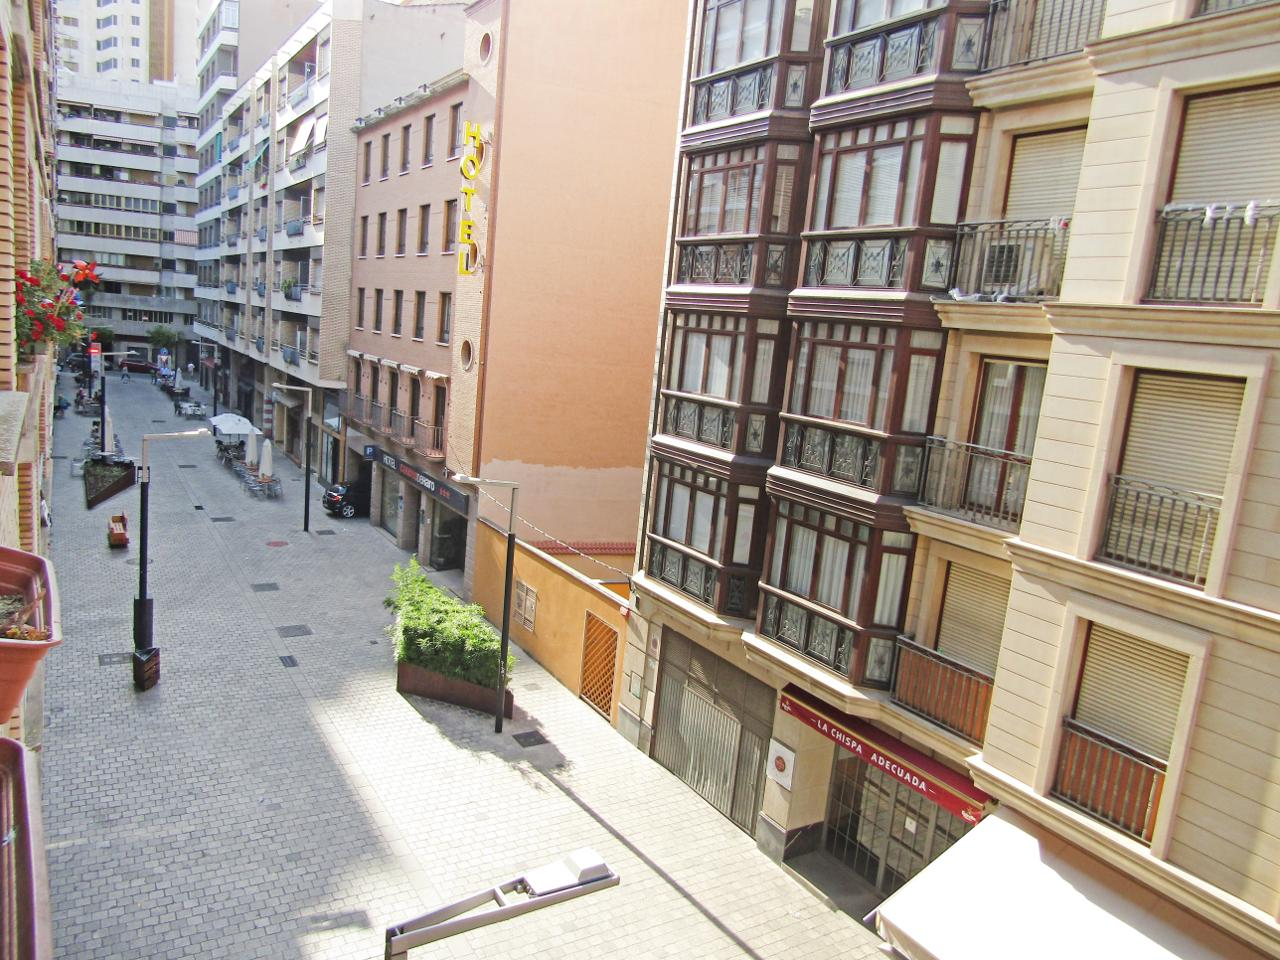 Plaza De Parking en venta en Logroño de 13 m2. Ref: G0105